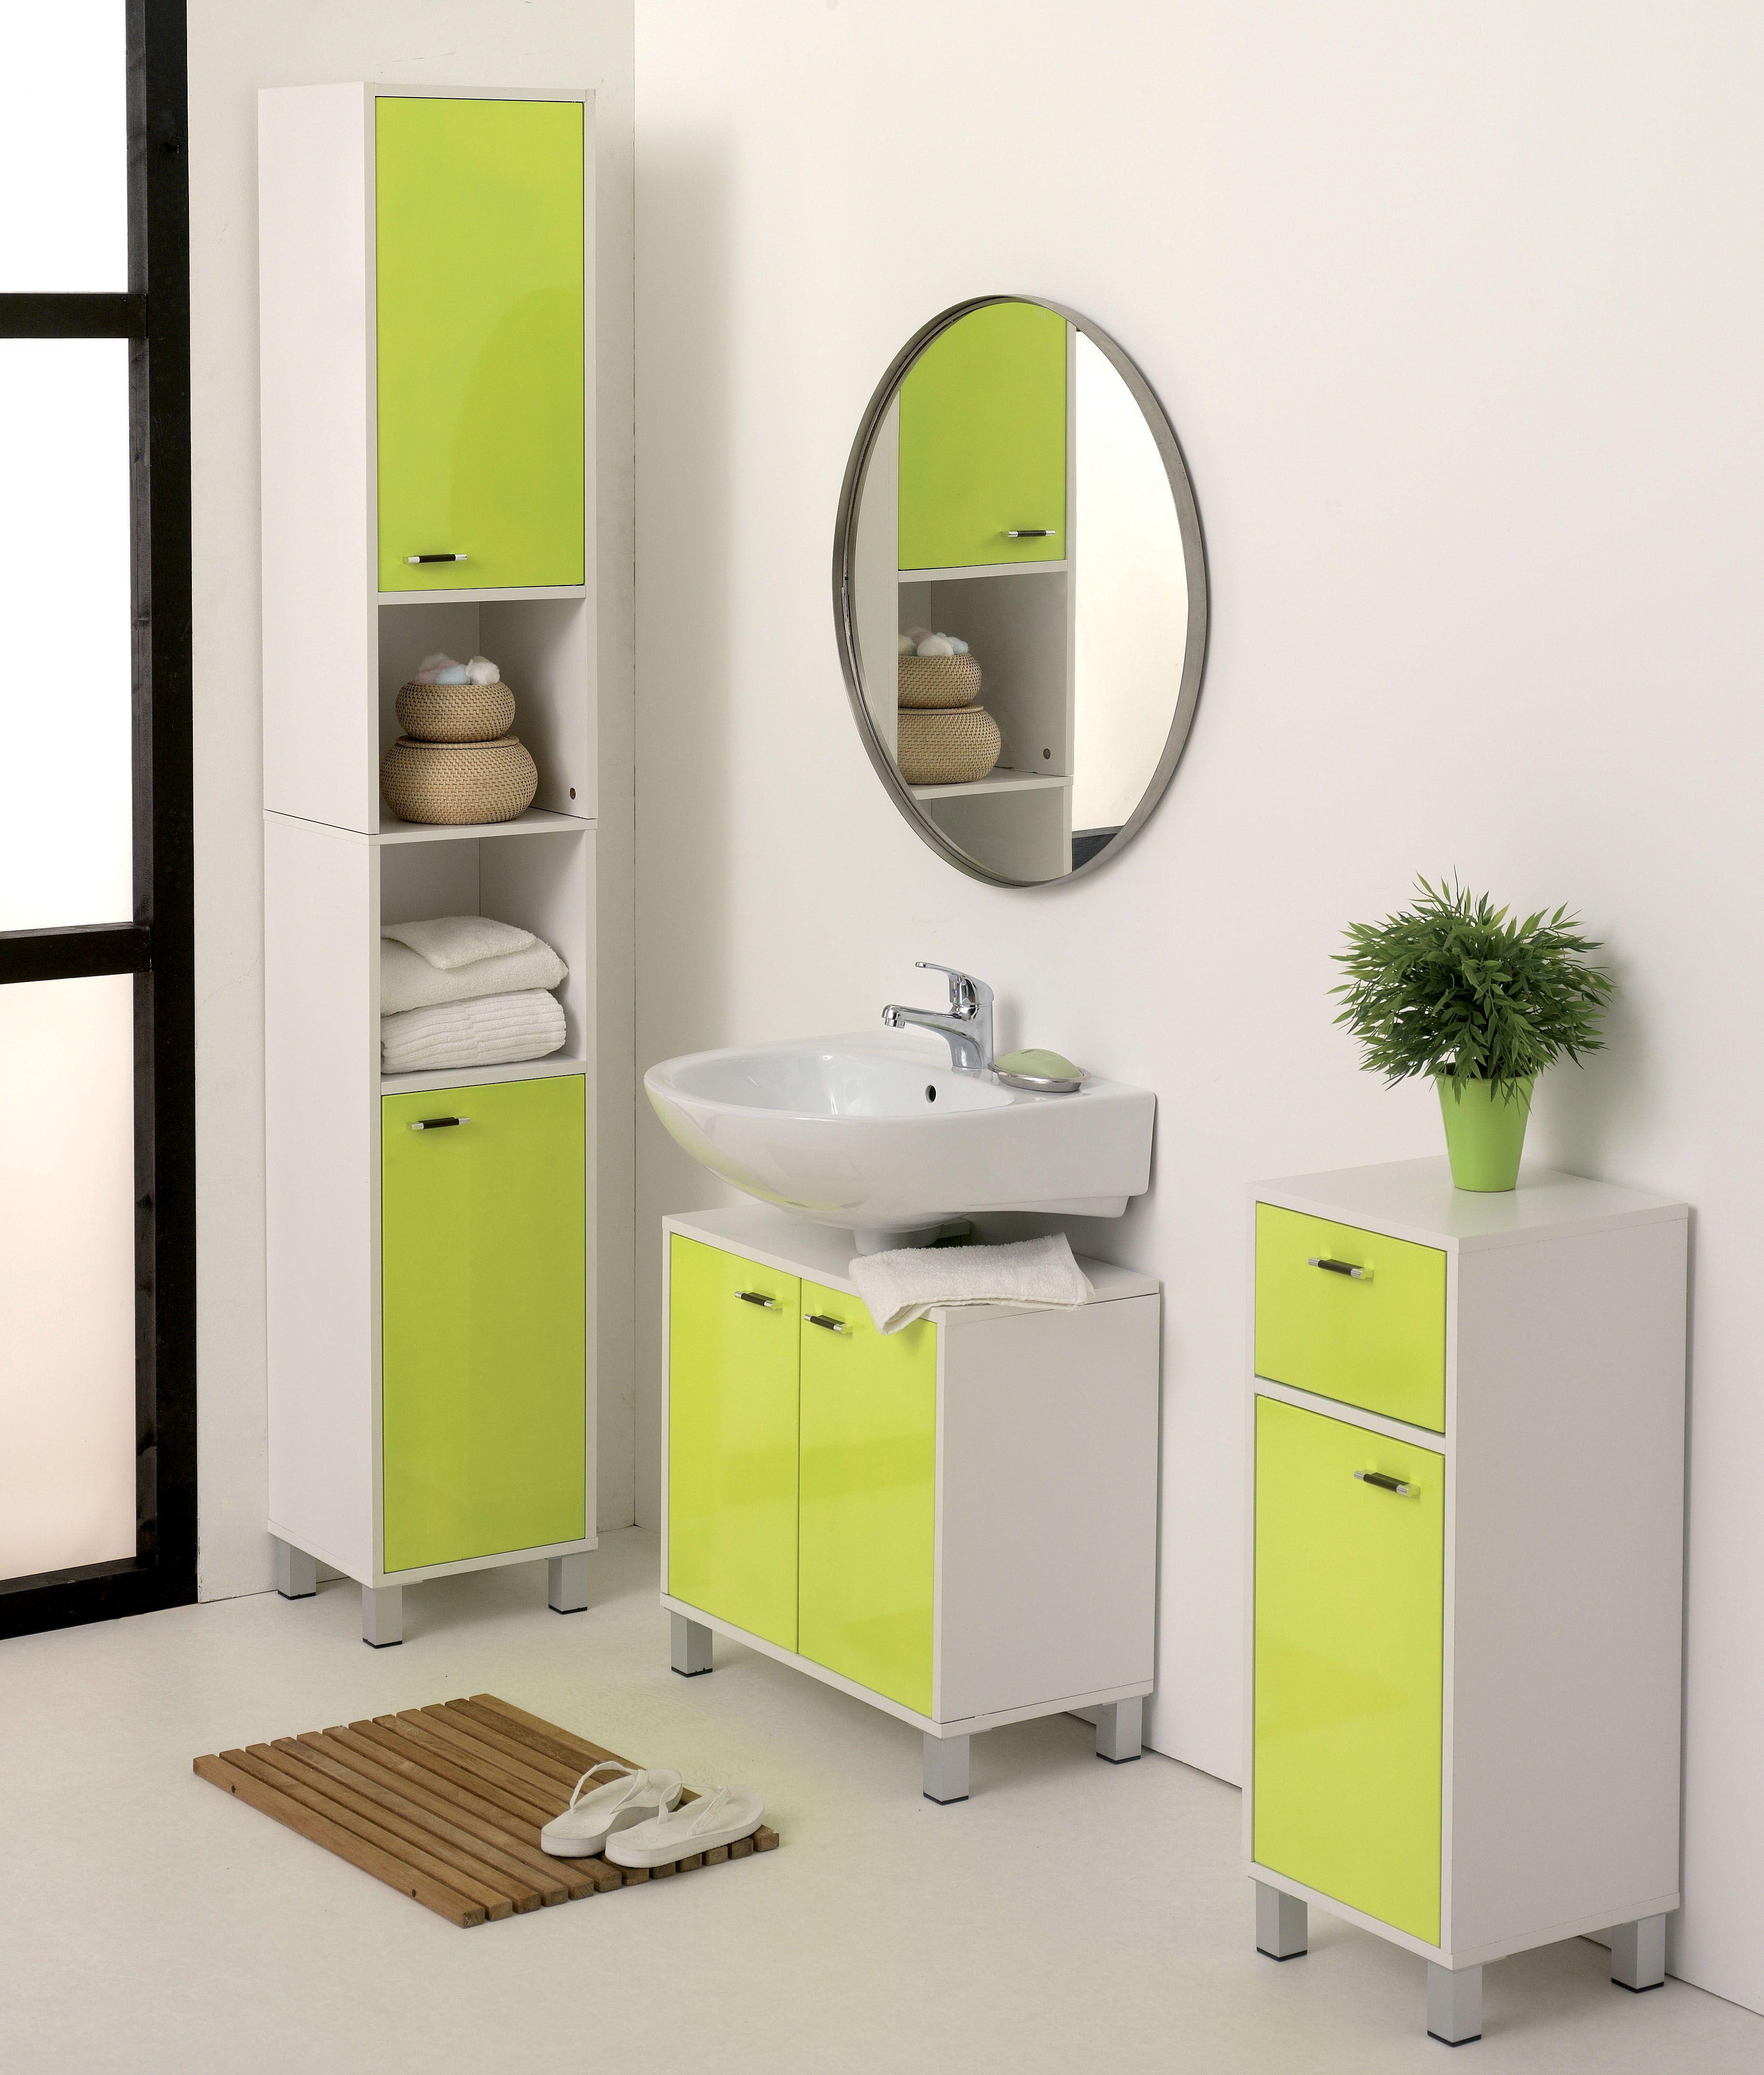 salle de bain verte et blanche zen et pratique centrakor ma